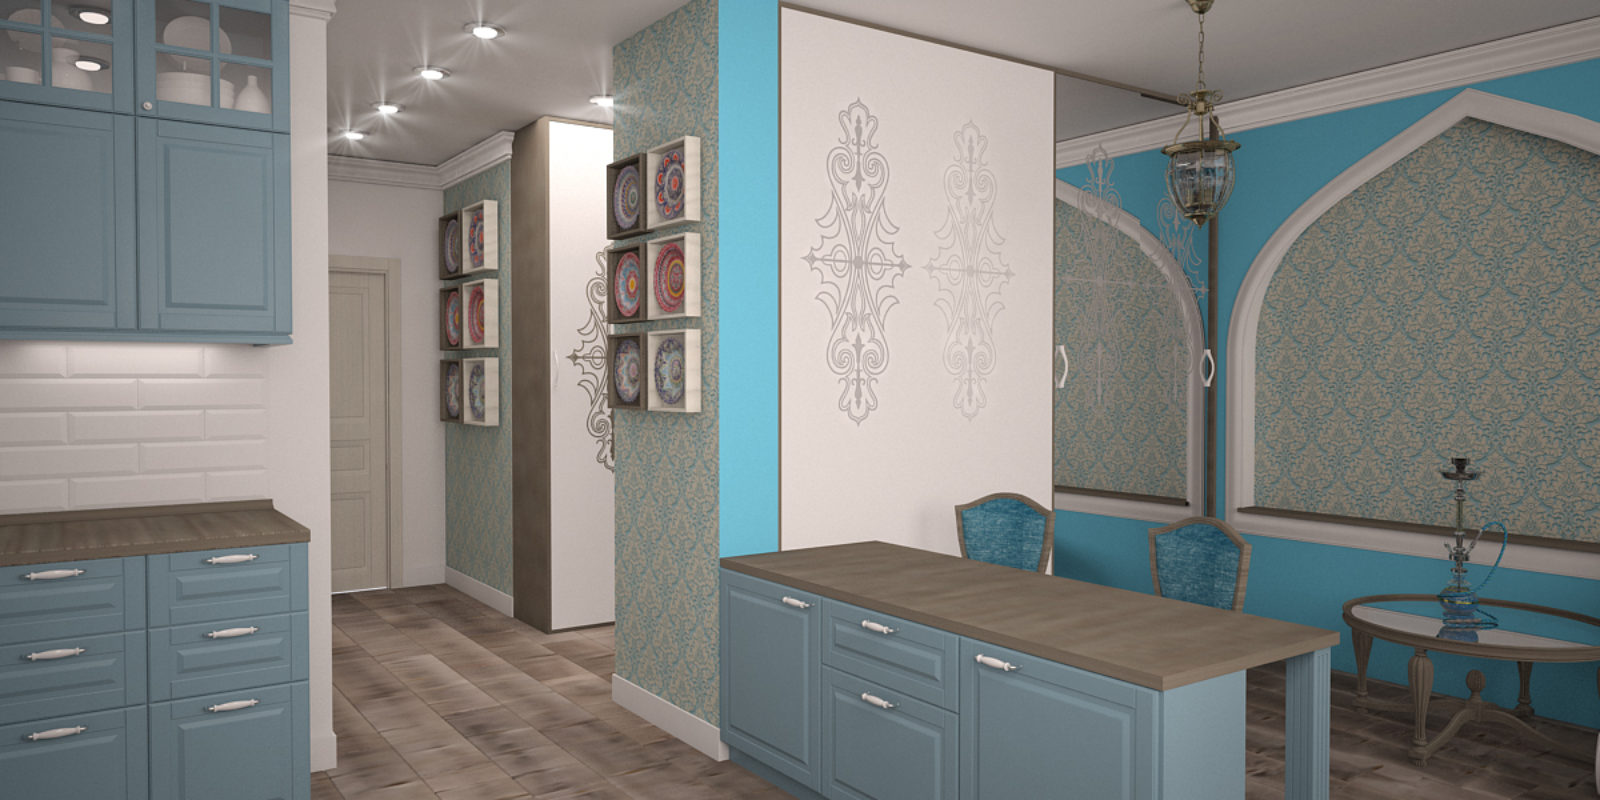 Дизайн проект квартиры восточный стиль в сине-голубых тонах.